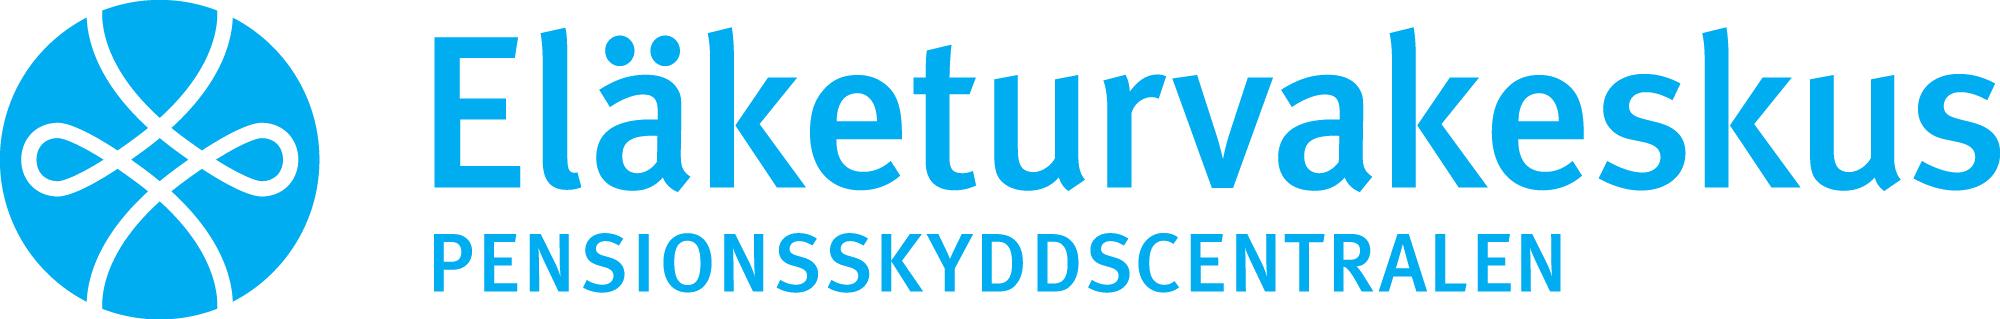 etk_logo